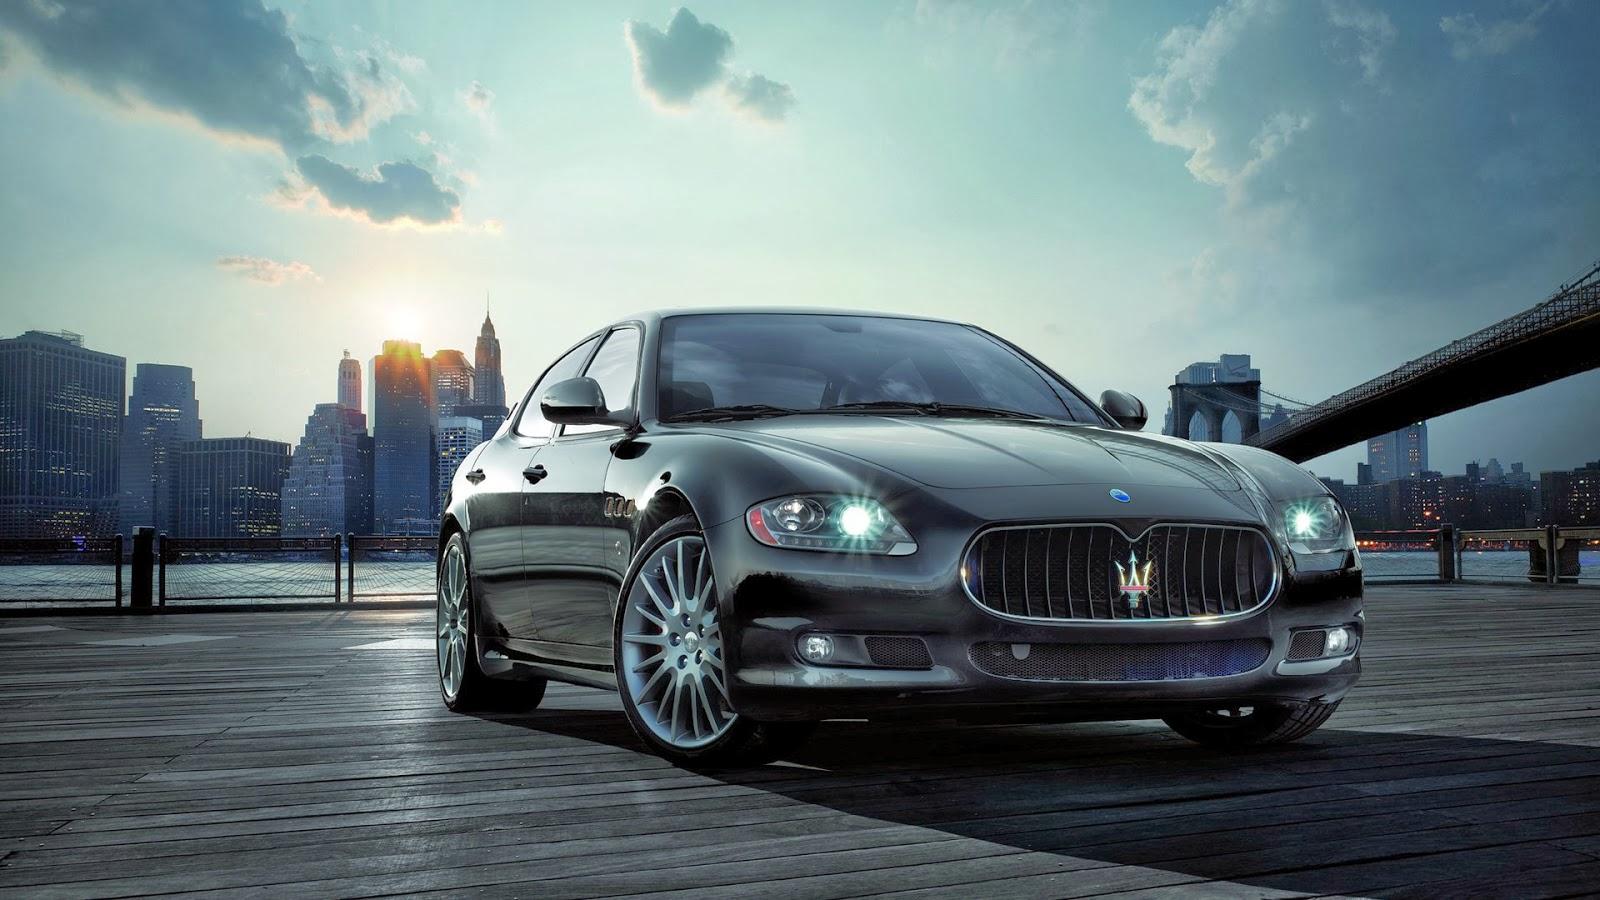 Jaguar Car Live Wallpaper Download Jaguar Wallpapers Hd Wallpapersafari